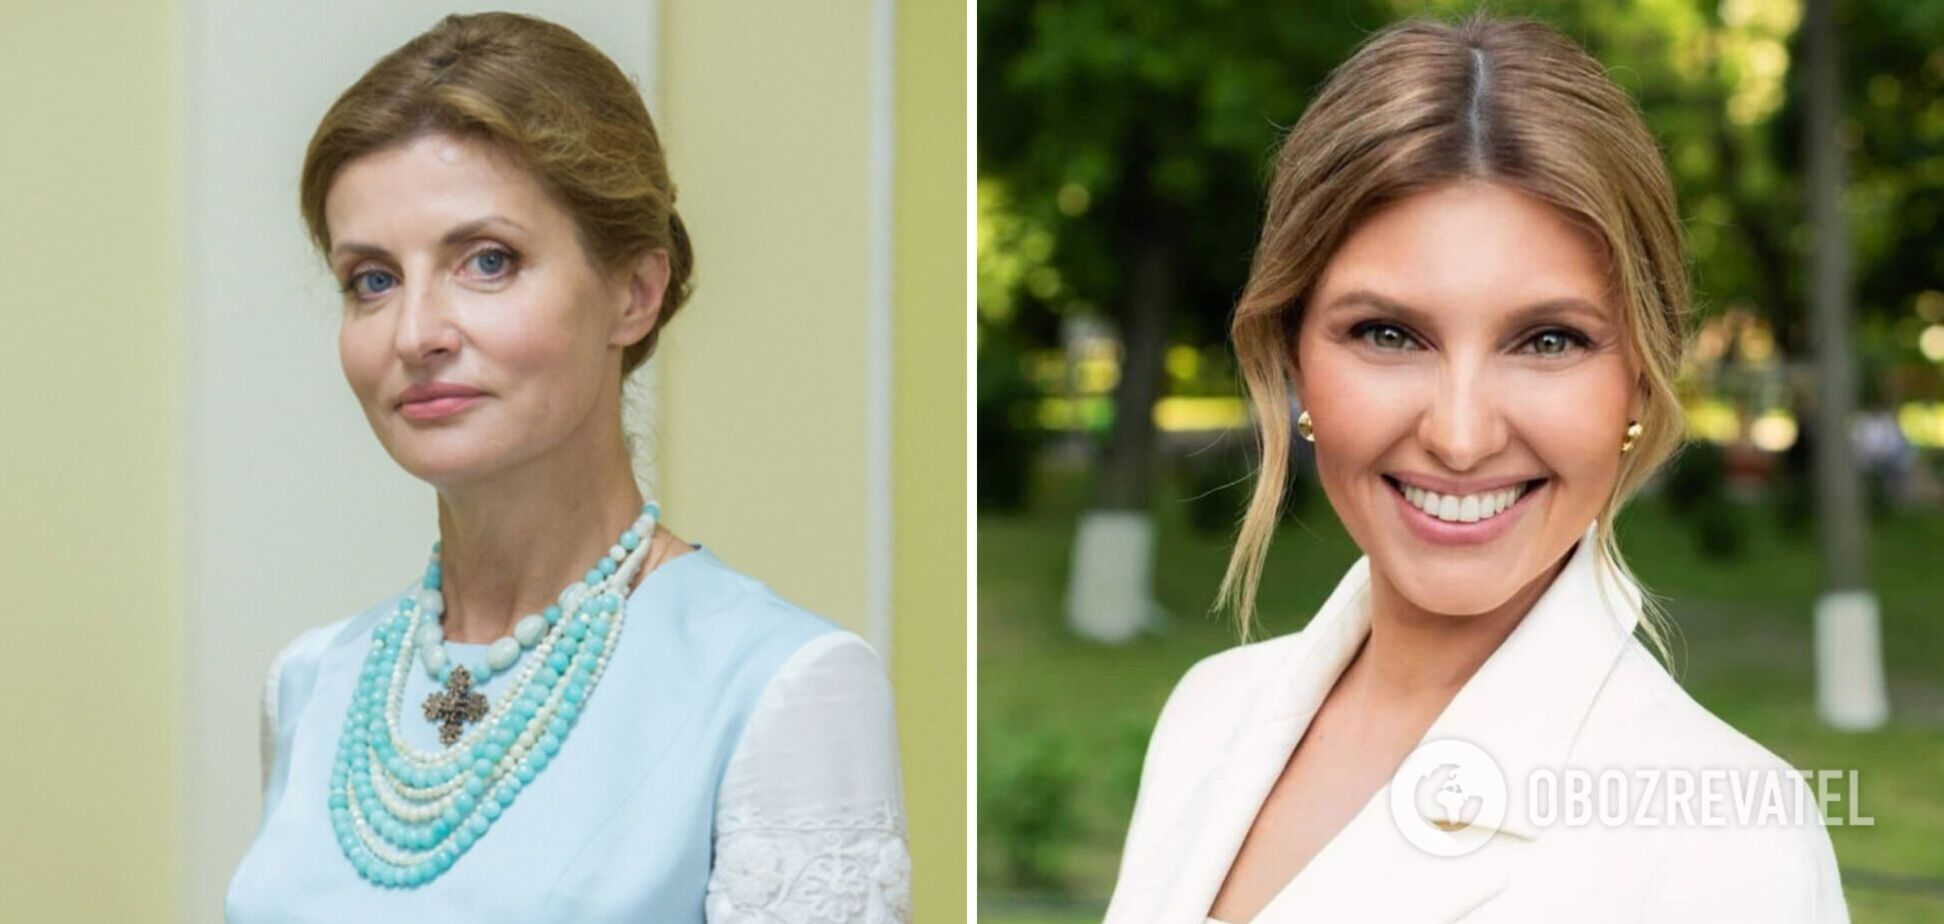 Зеленская vs Порошенко: самые яркие и элегантные образы первых леди Украины. Фото